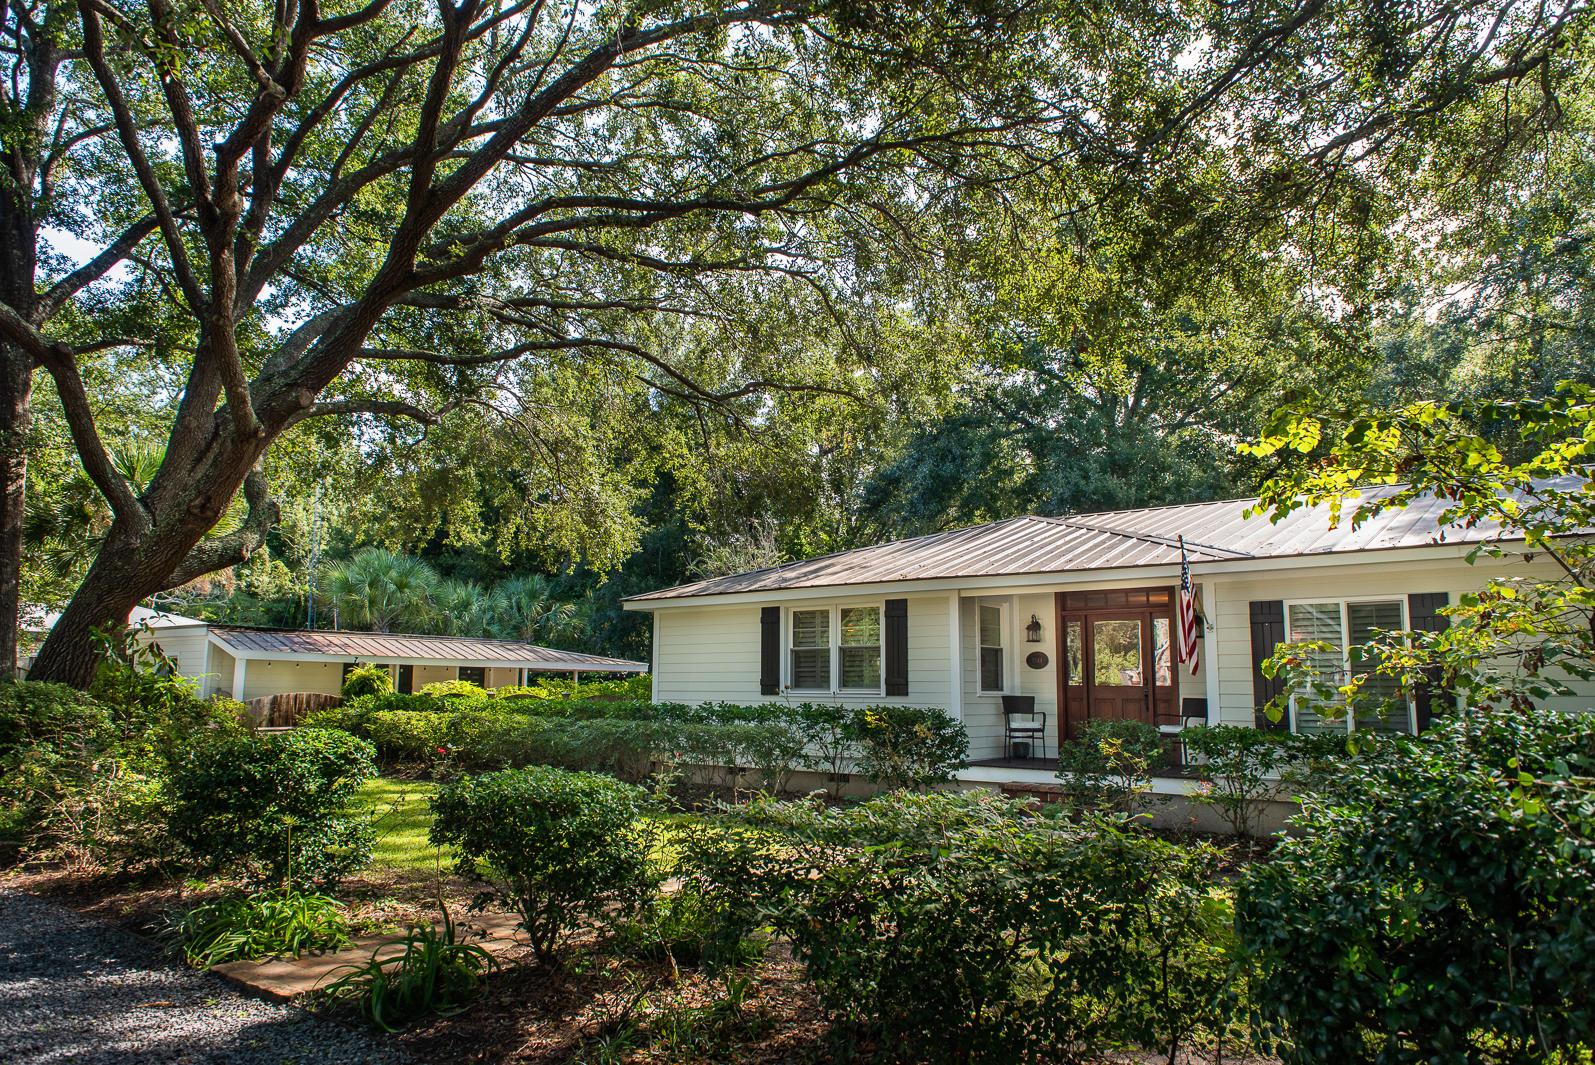 Old Mt Pleasant Homes For Sale - 1344 Fairmont, Mount Pleasant, SC - 6